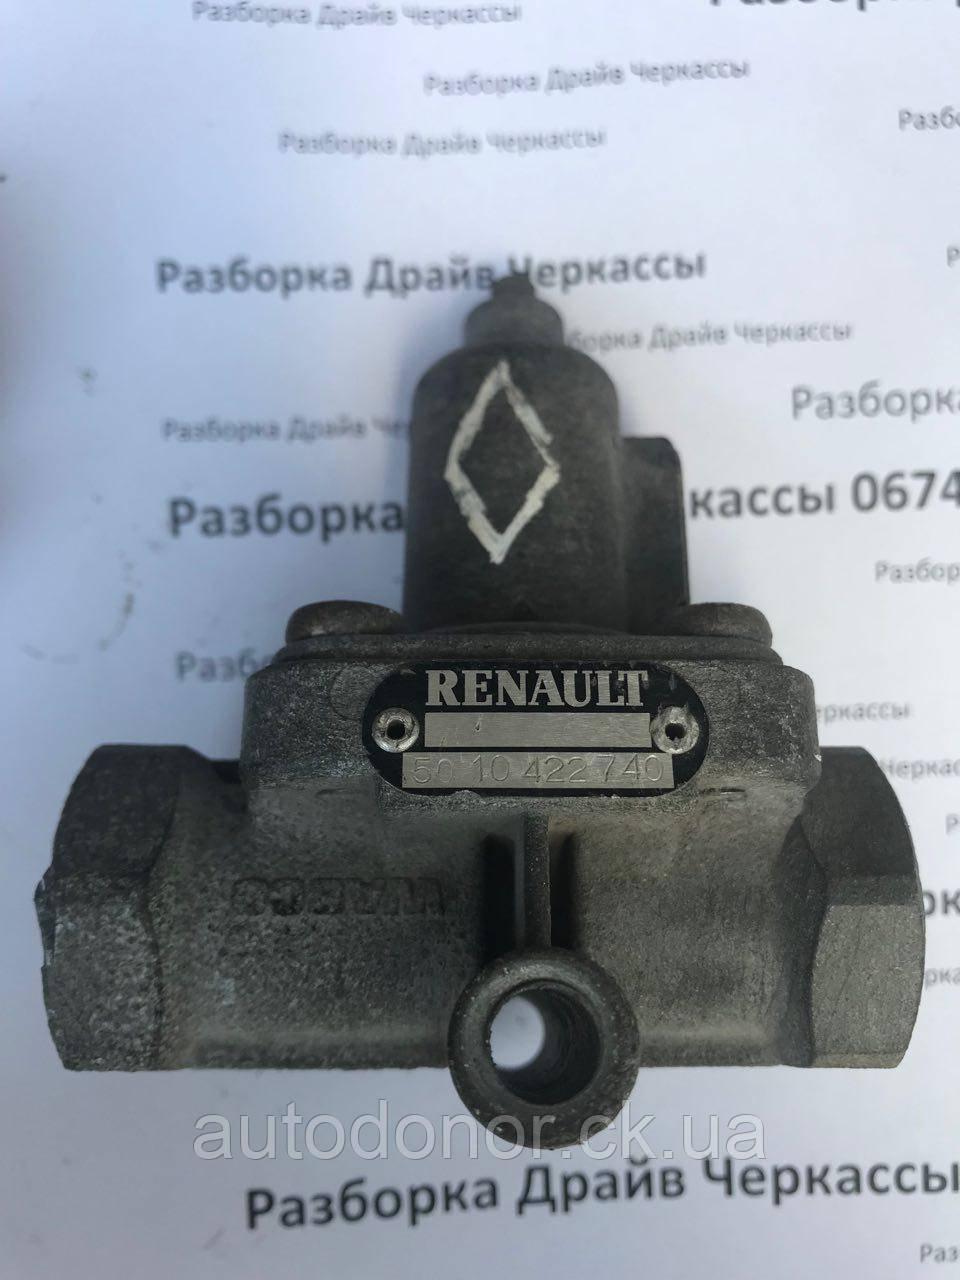 Клапан ограничения (регулятор)давления knorr б/у Renault/рено